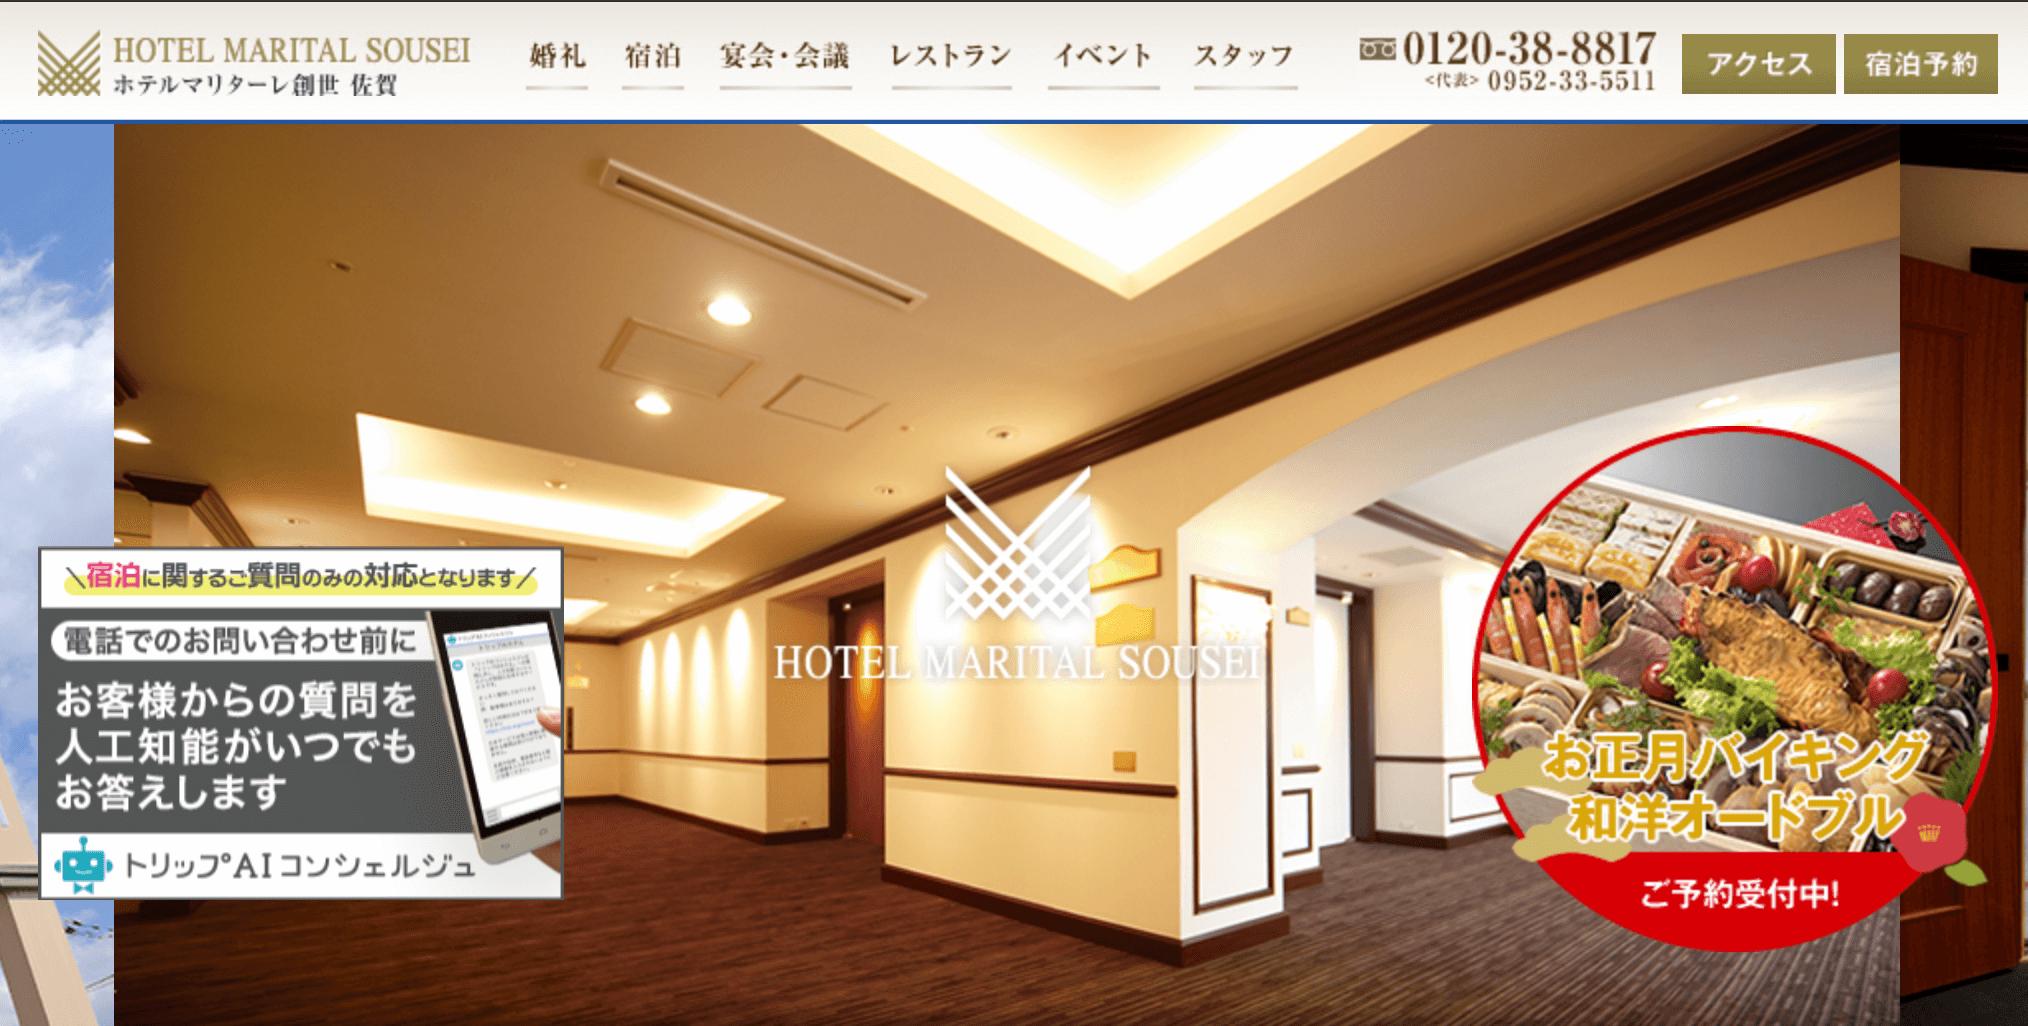 佐賀でパパ活におすすめなホテル「ホテルマリターレ創世 佐賀」